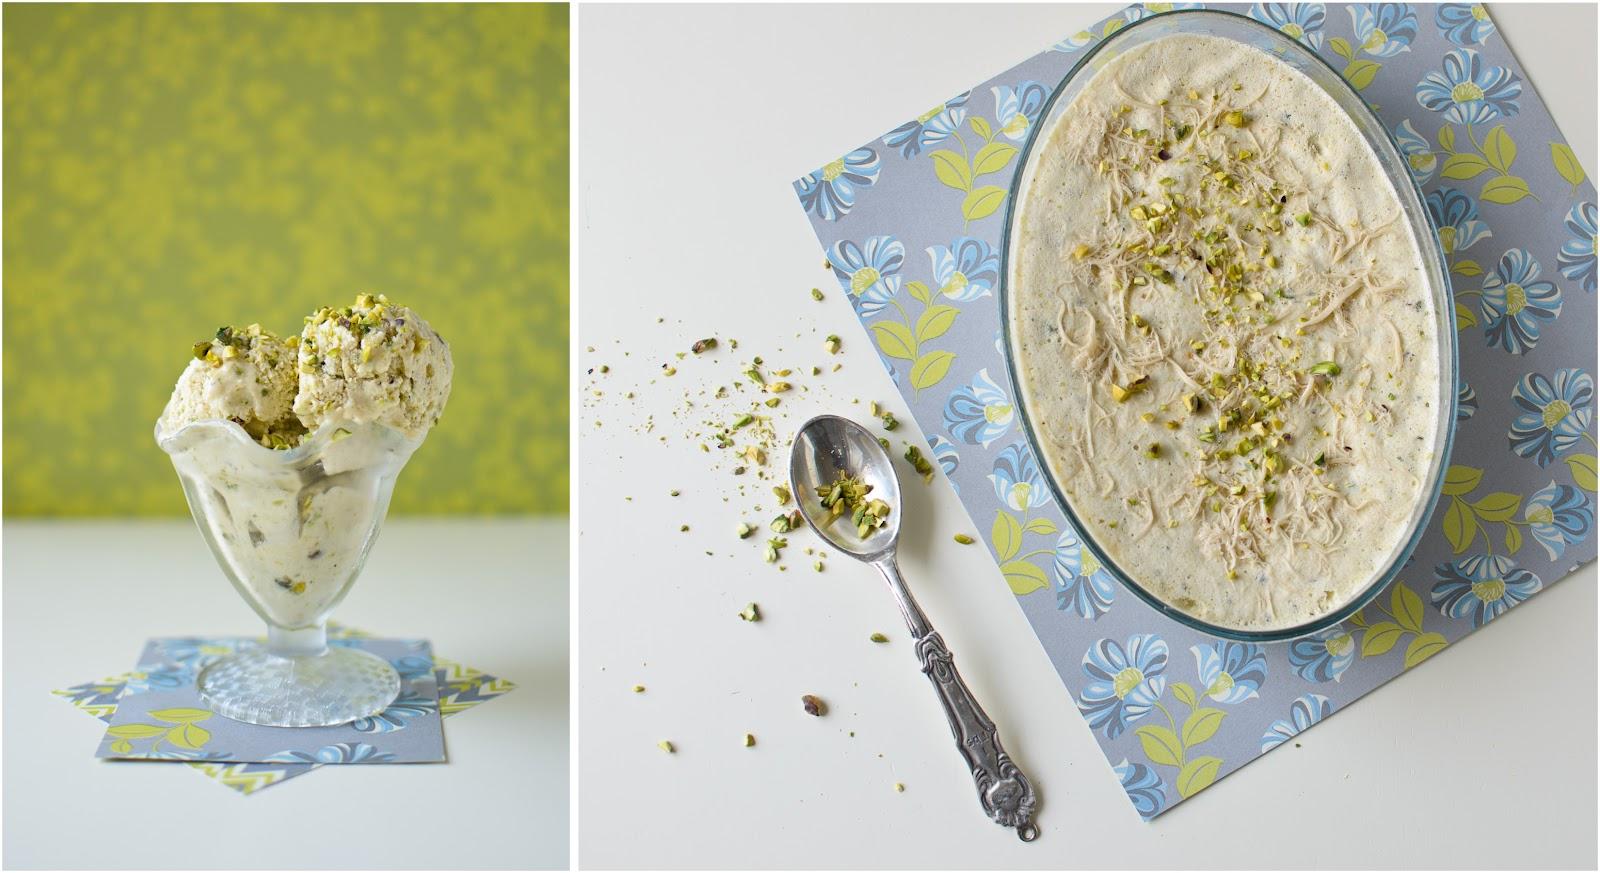 Dairy-Free} Halva and Pistachio Ice Cream / the kosher spoon